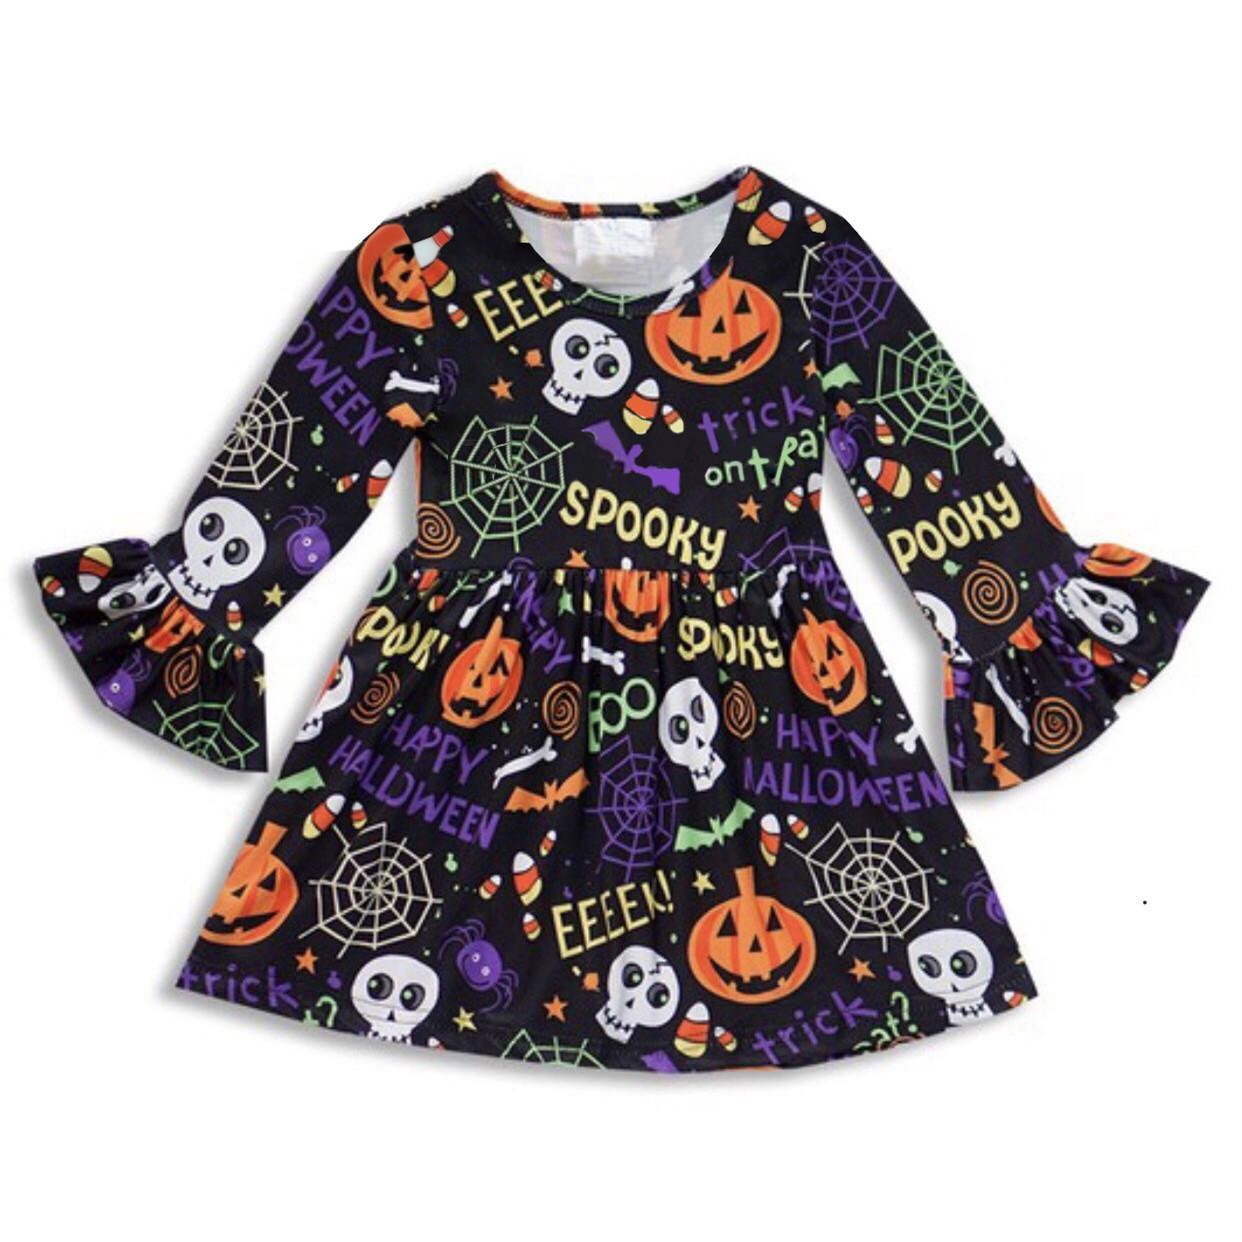 0b6297c98fa8e Girl Dress Halloween Children Skeleton Pumpkin Dress Autumn Long Sleeve  Baby Dress Halloween Party Costume Pumpkin Clothing